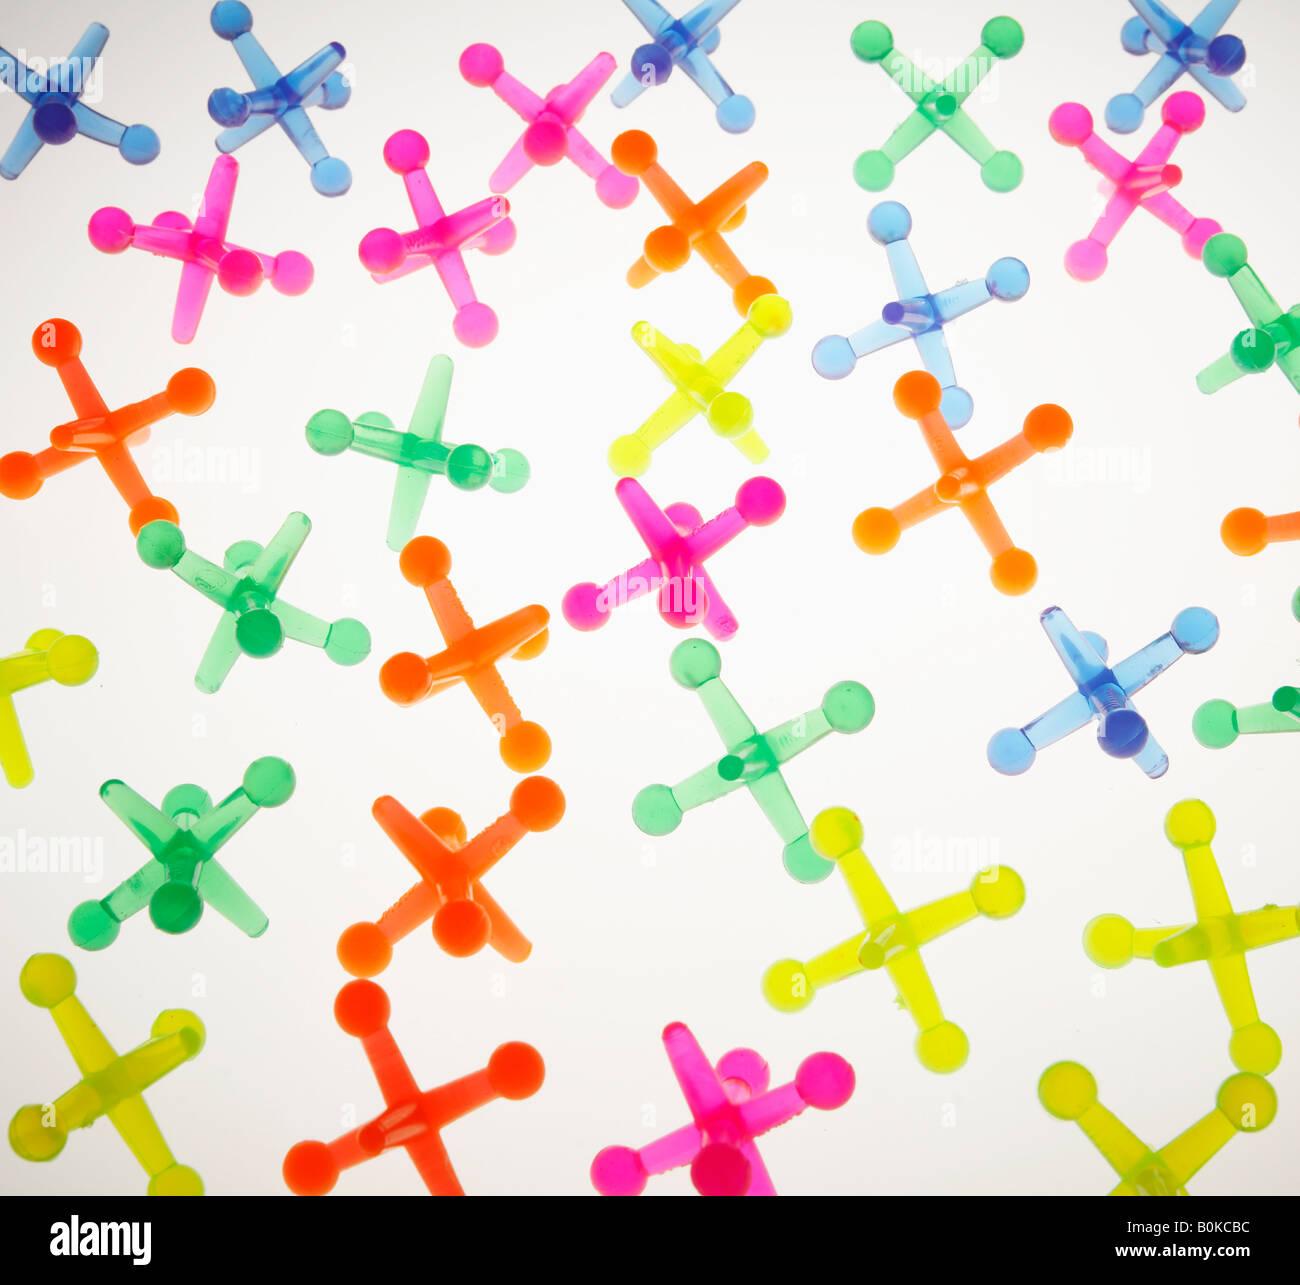 Les objets en plastique en forme de croix colorées Banque D'Images